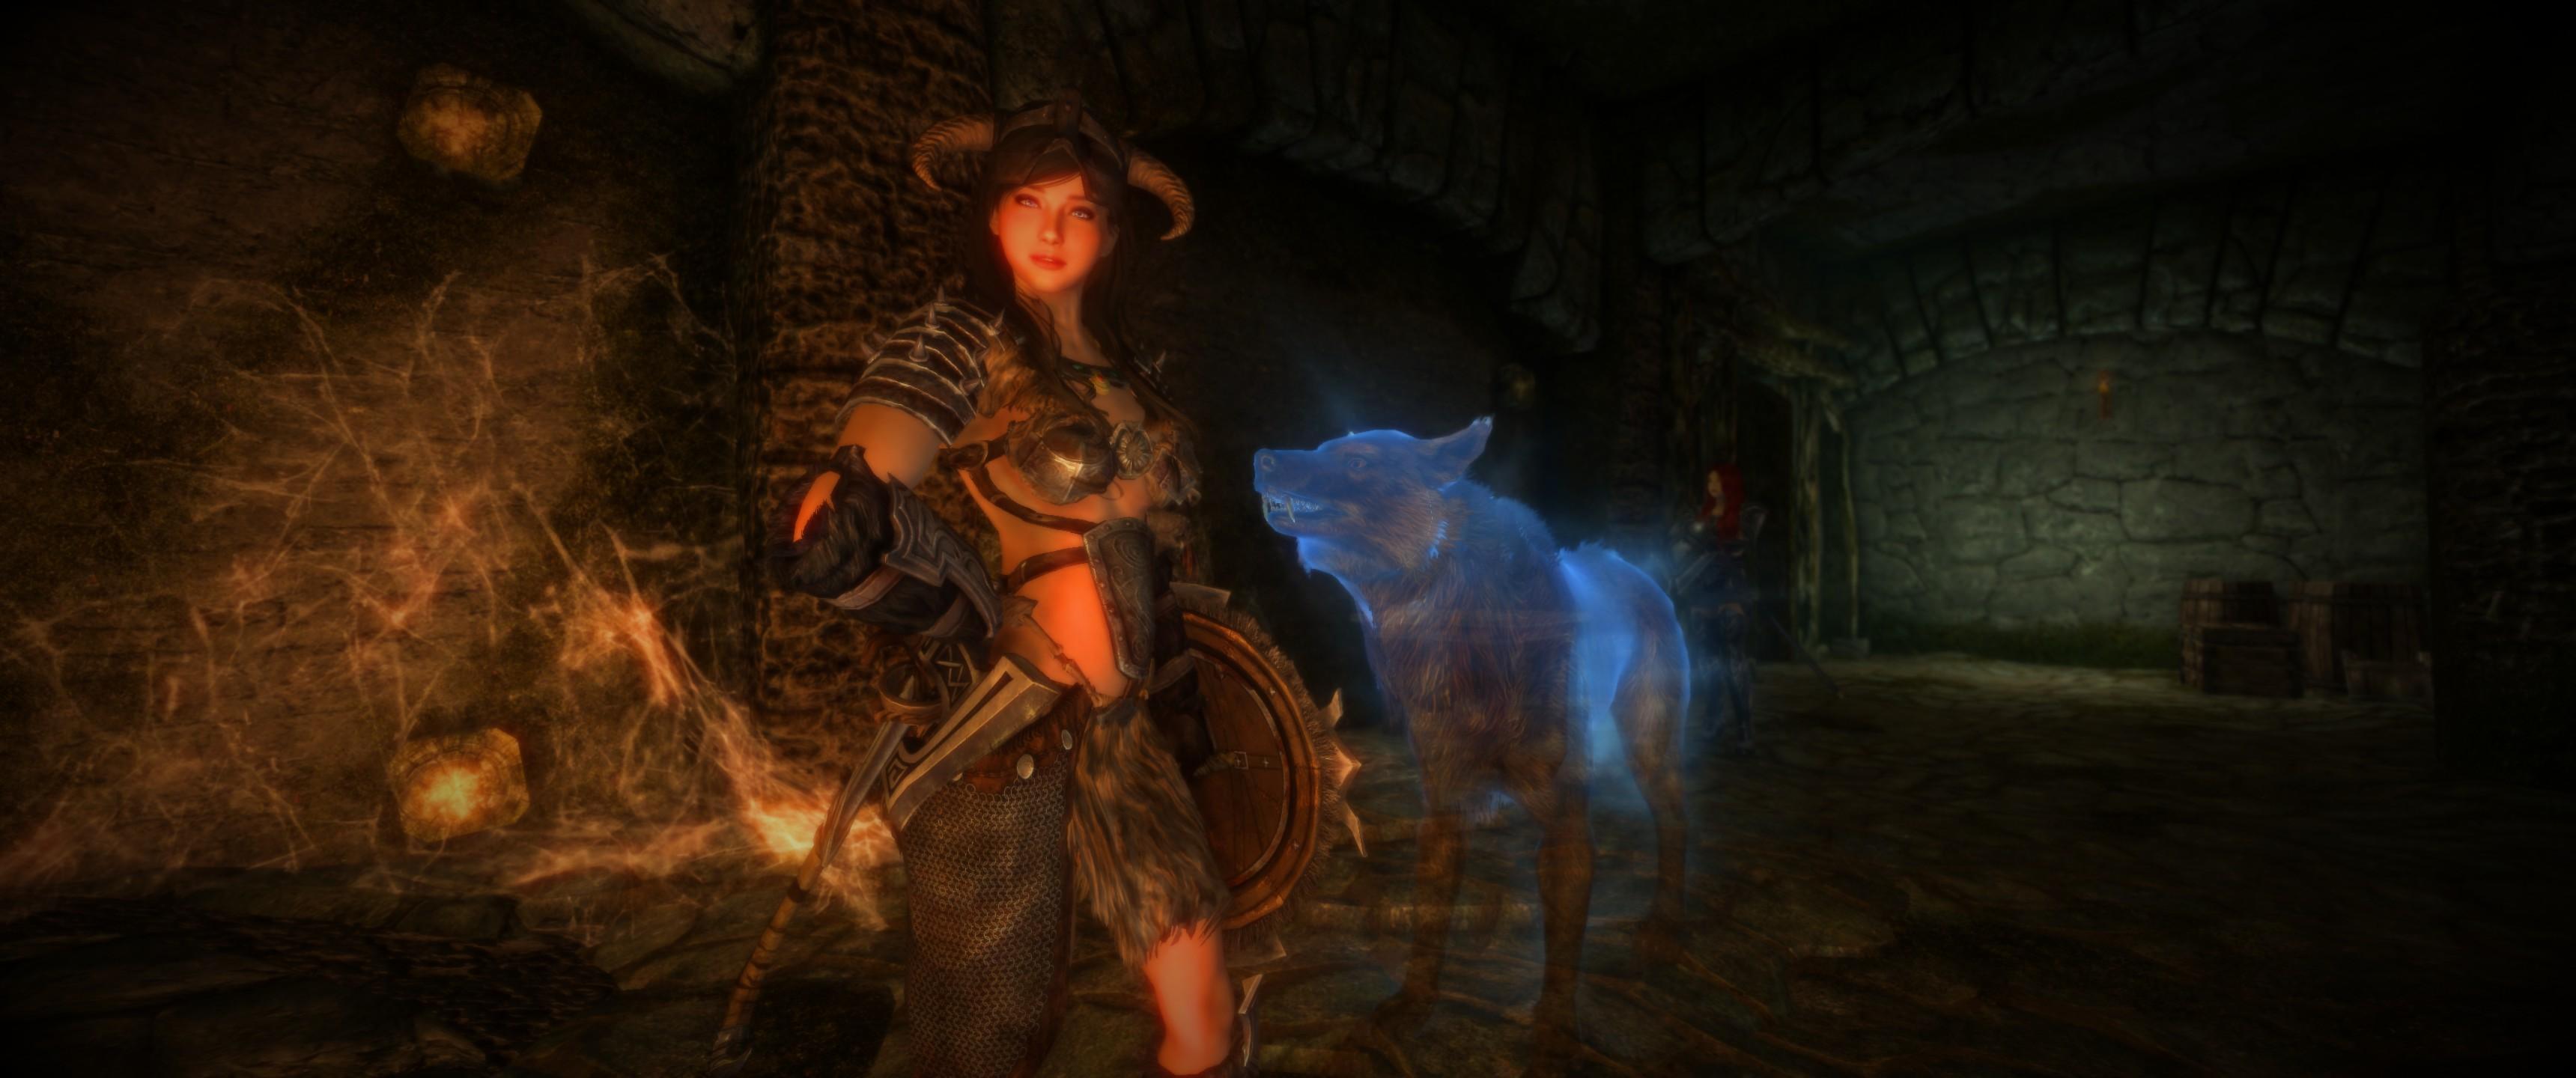 Skyrim SE 15.12.17.2 (9).jpg - Elder Scrolls 5: Skyrim, the